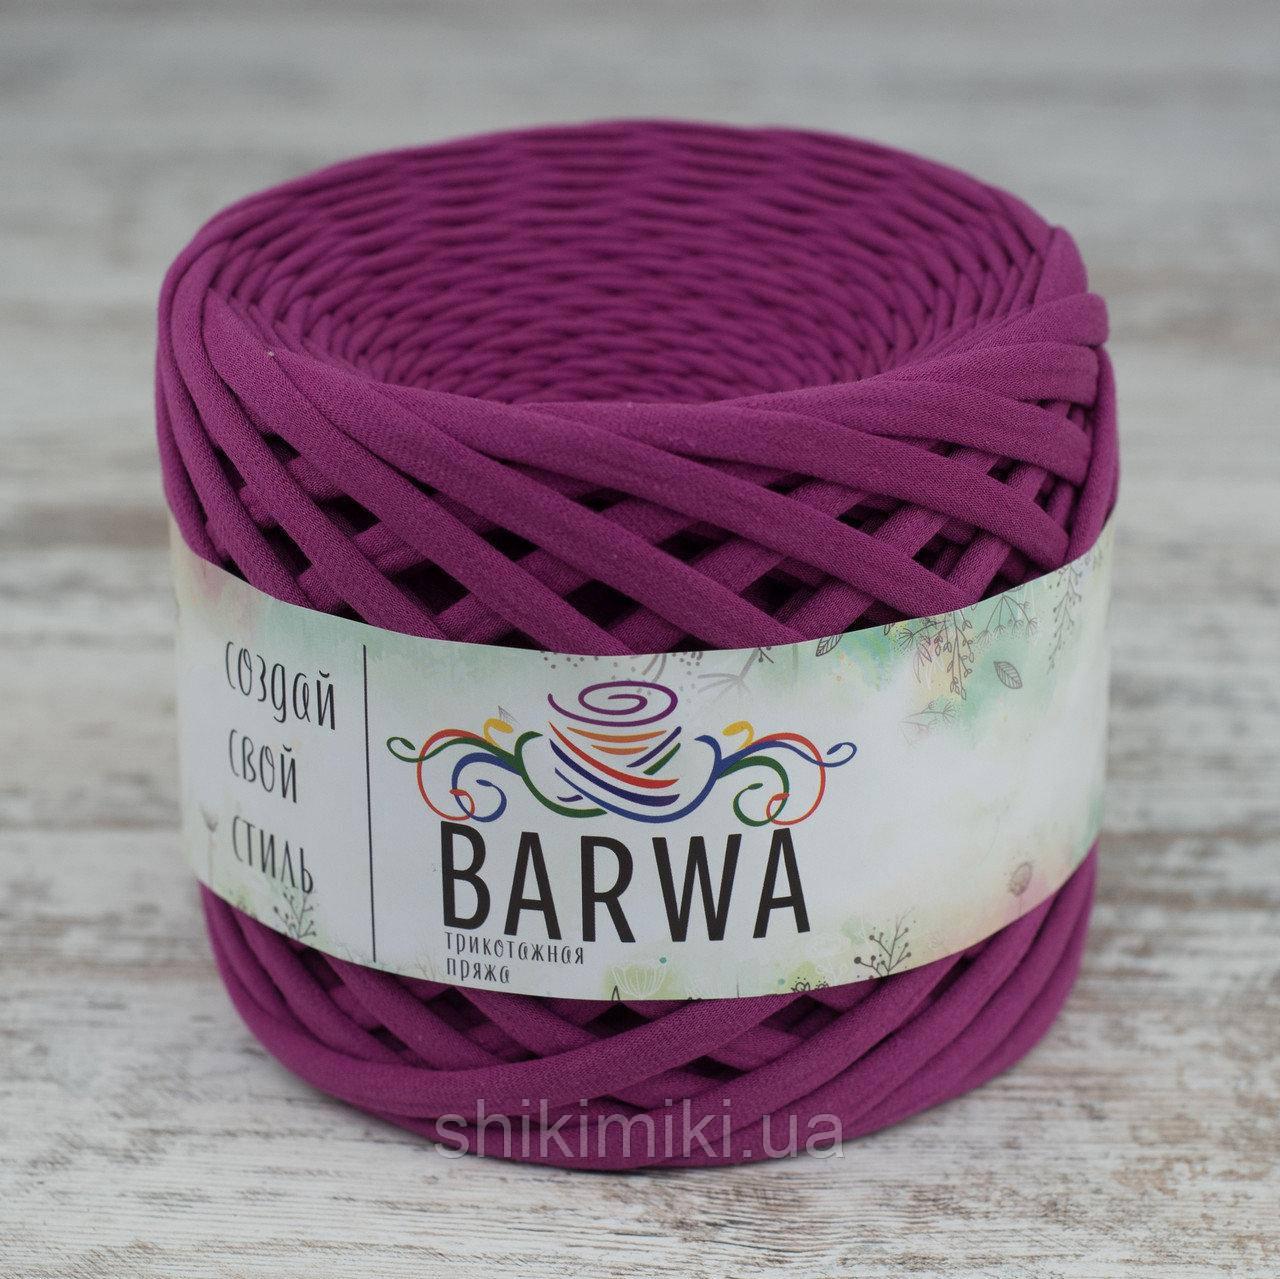 Трикотажная пряжа Barwa (7-9 мм), цвет Ягодный